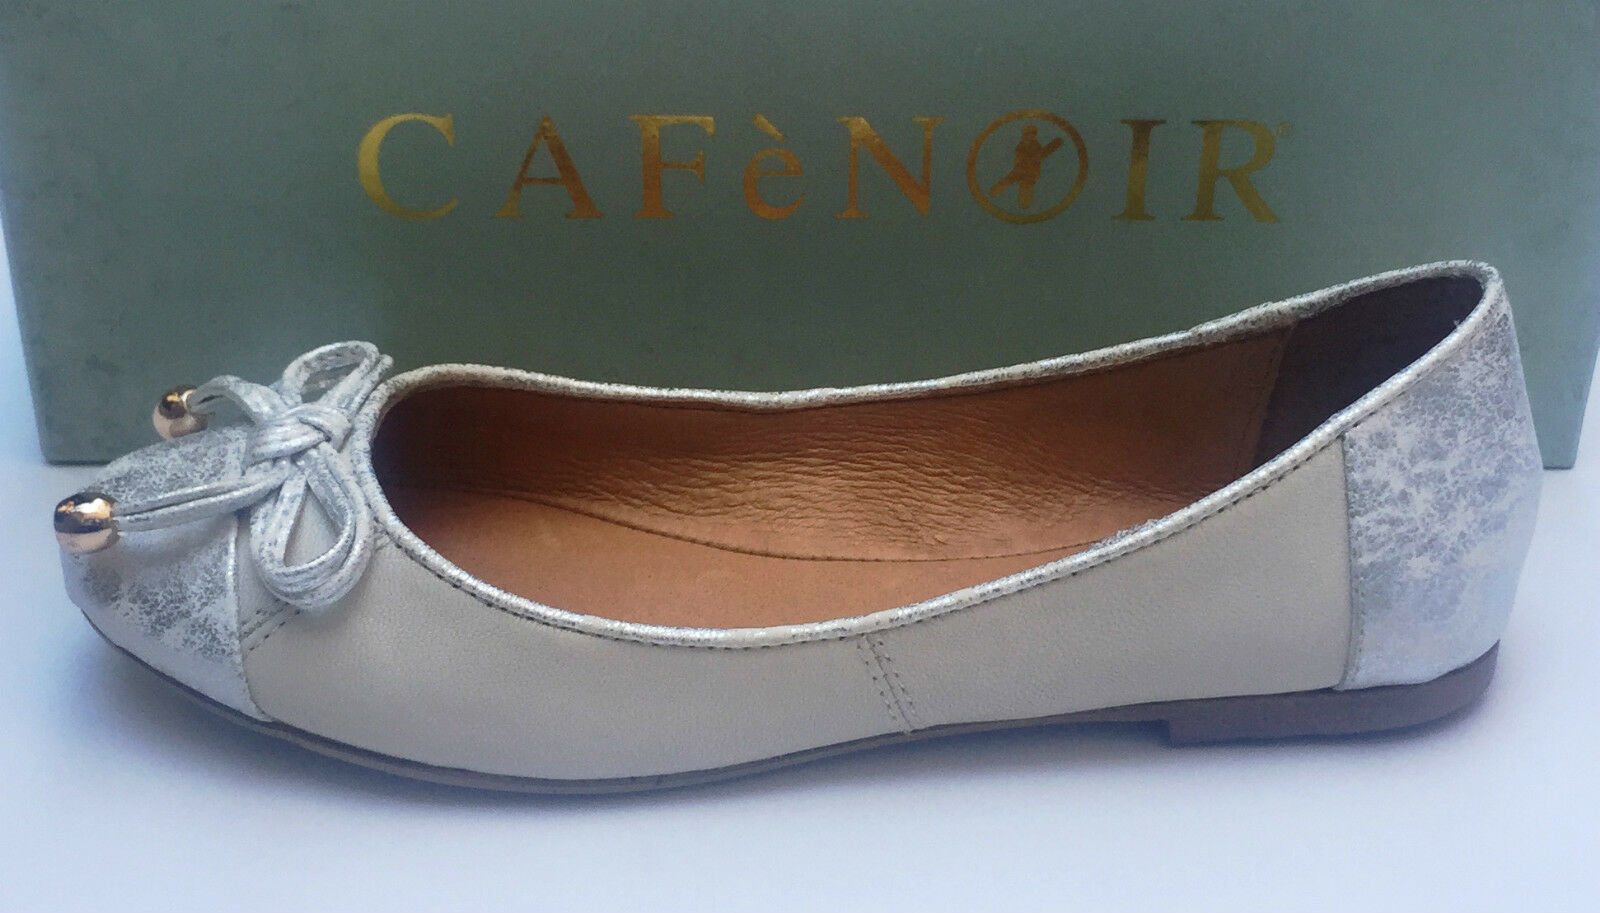 Cómodo y bien parecido Descuento por tiempo limitado CAFè NOIR Zapatos planos de mujer piel De Blanco/Nube De plata con fiocchetto